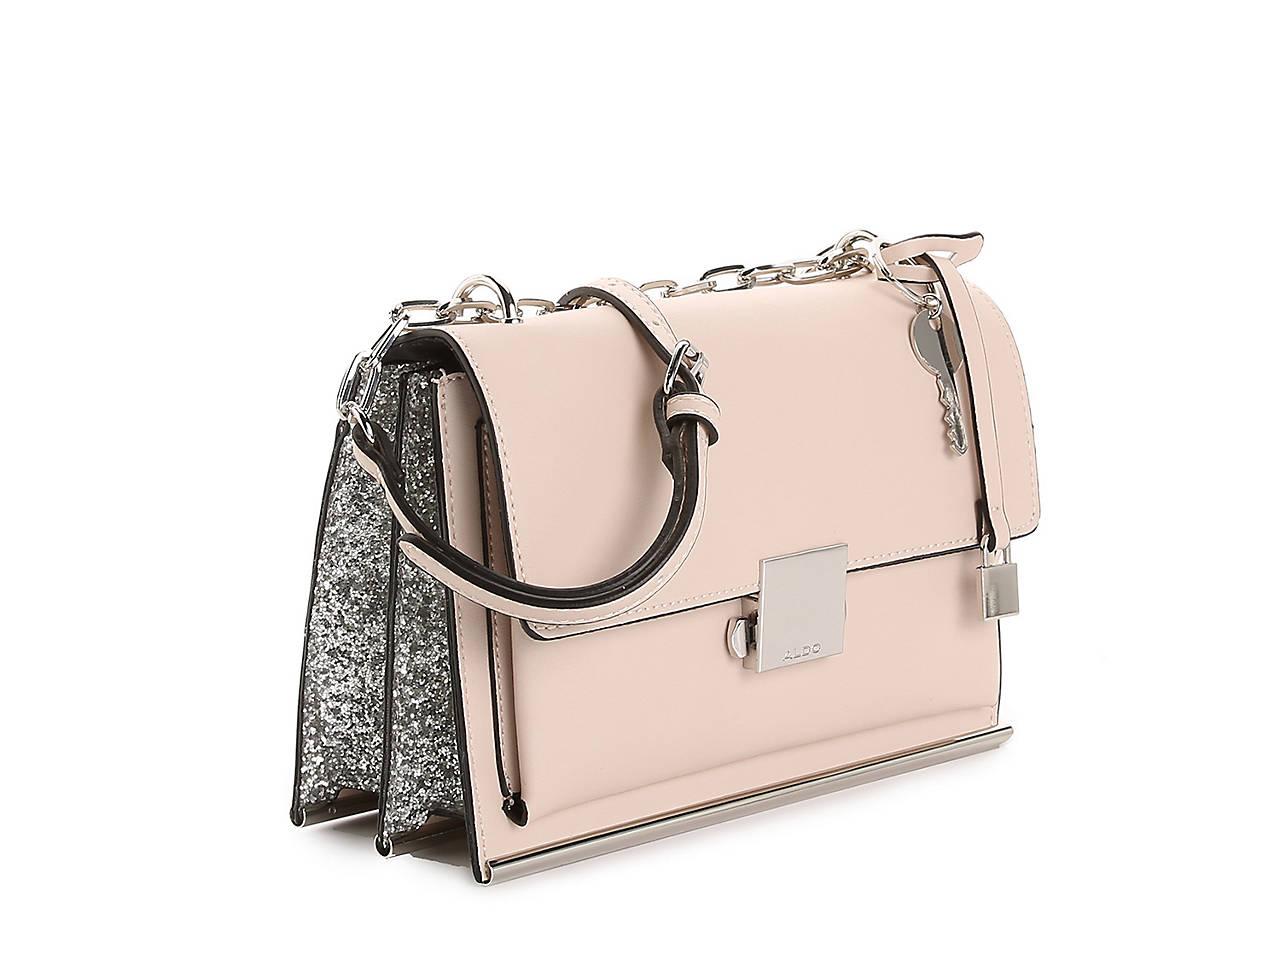 b63190e1cd6 Aldo Valstrona Crossbody Bag Women s Handbags   Accessories